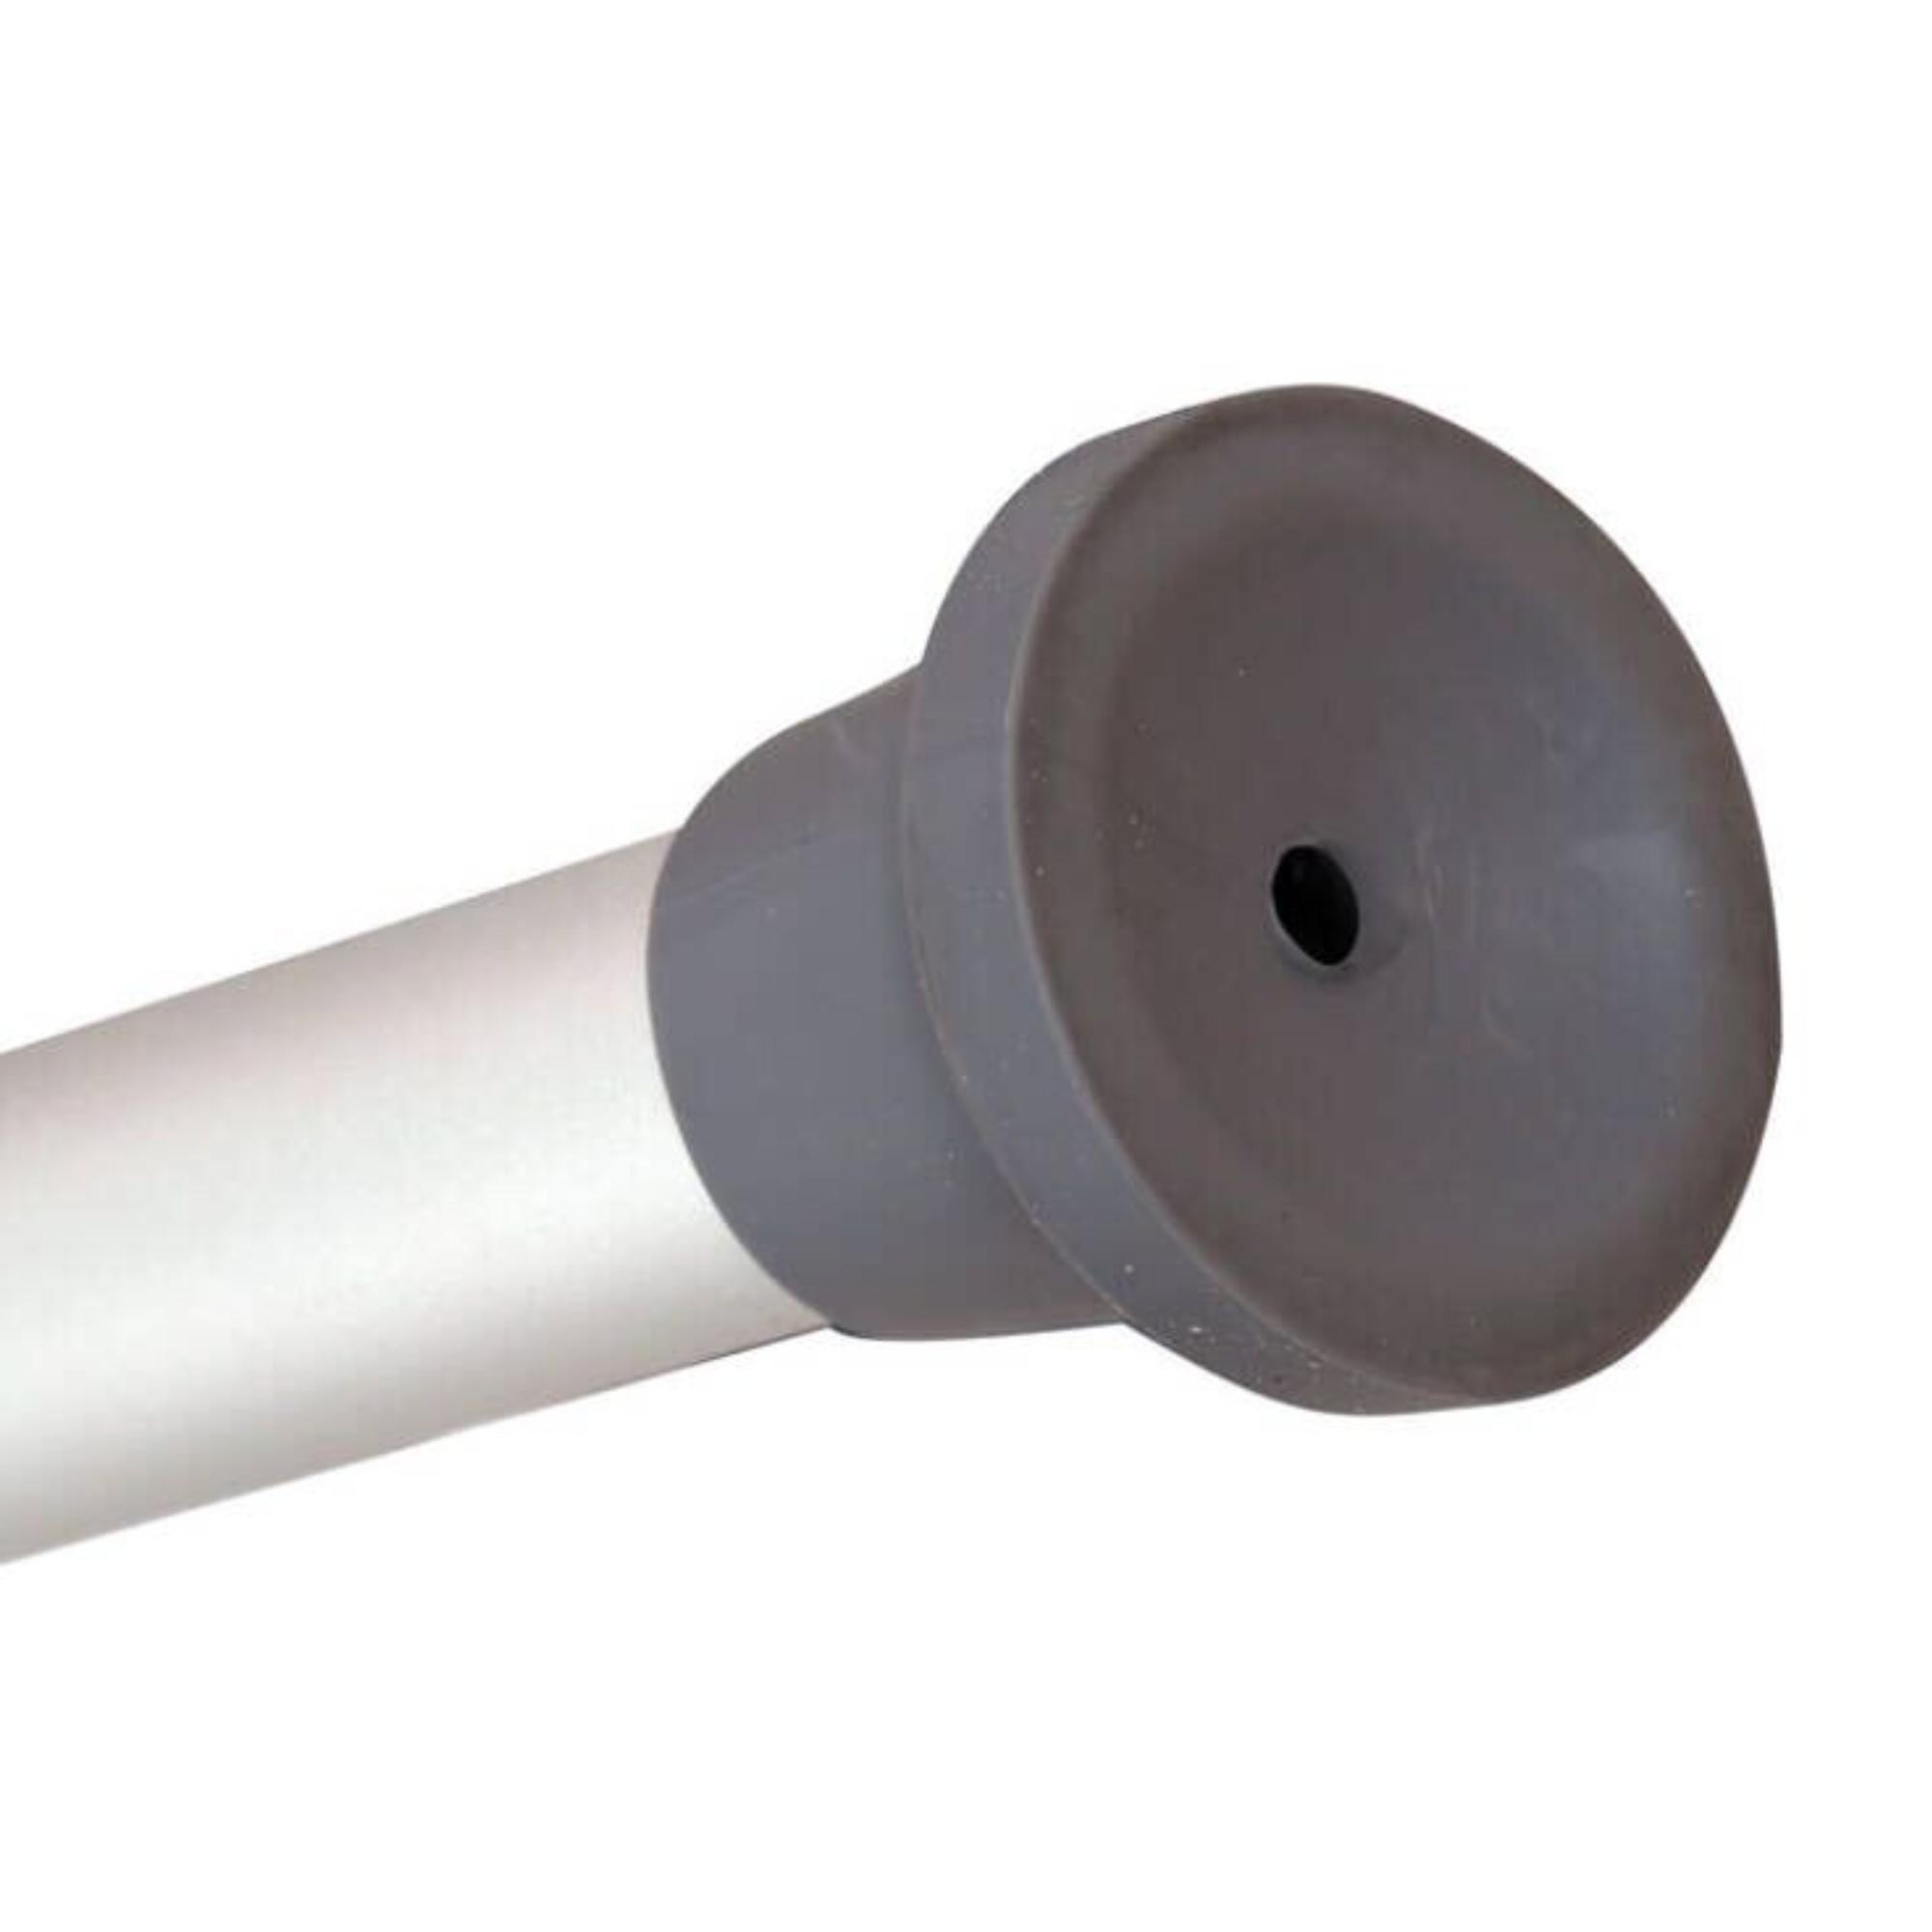 Banco de banho em alumínio ZIMEDICAL FST5202